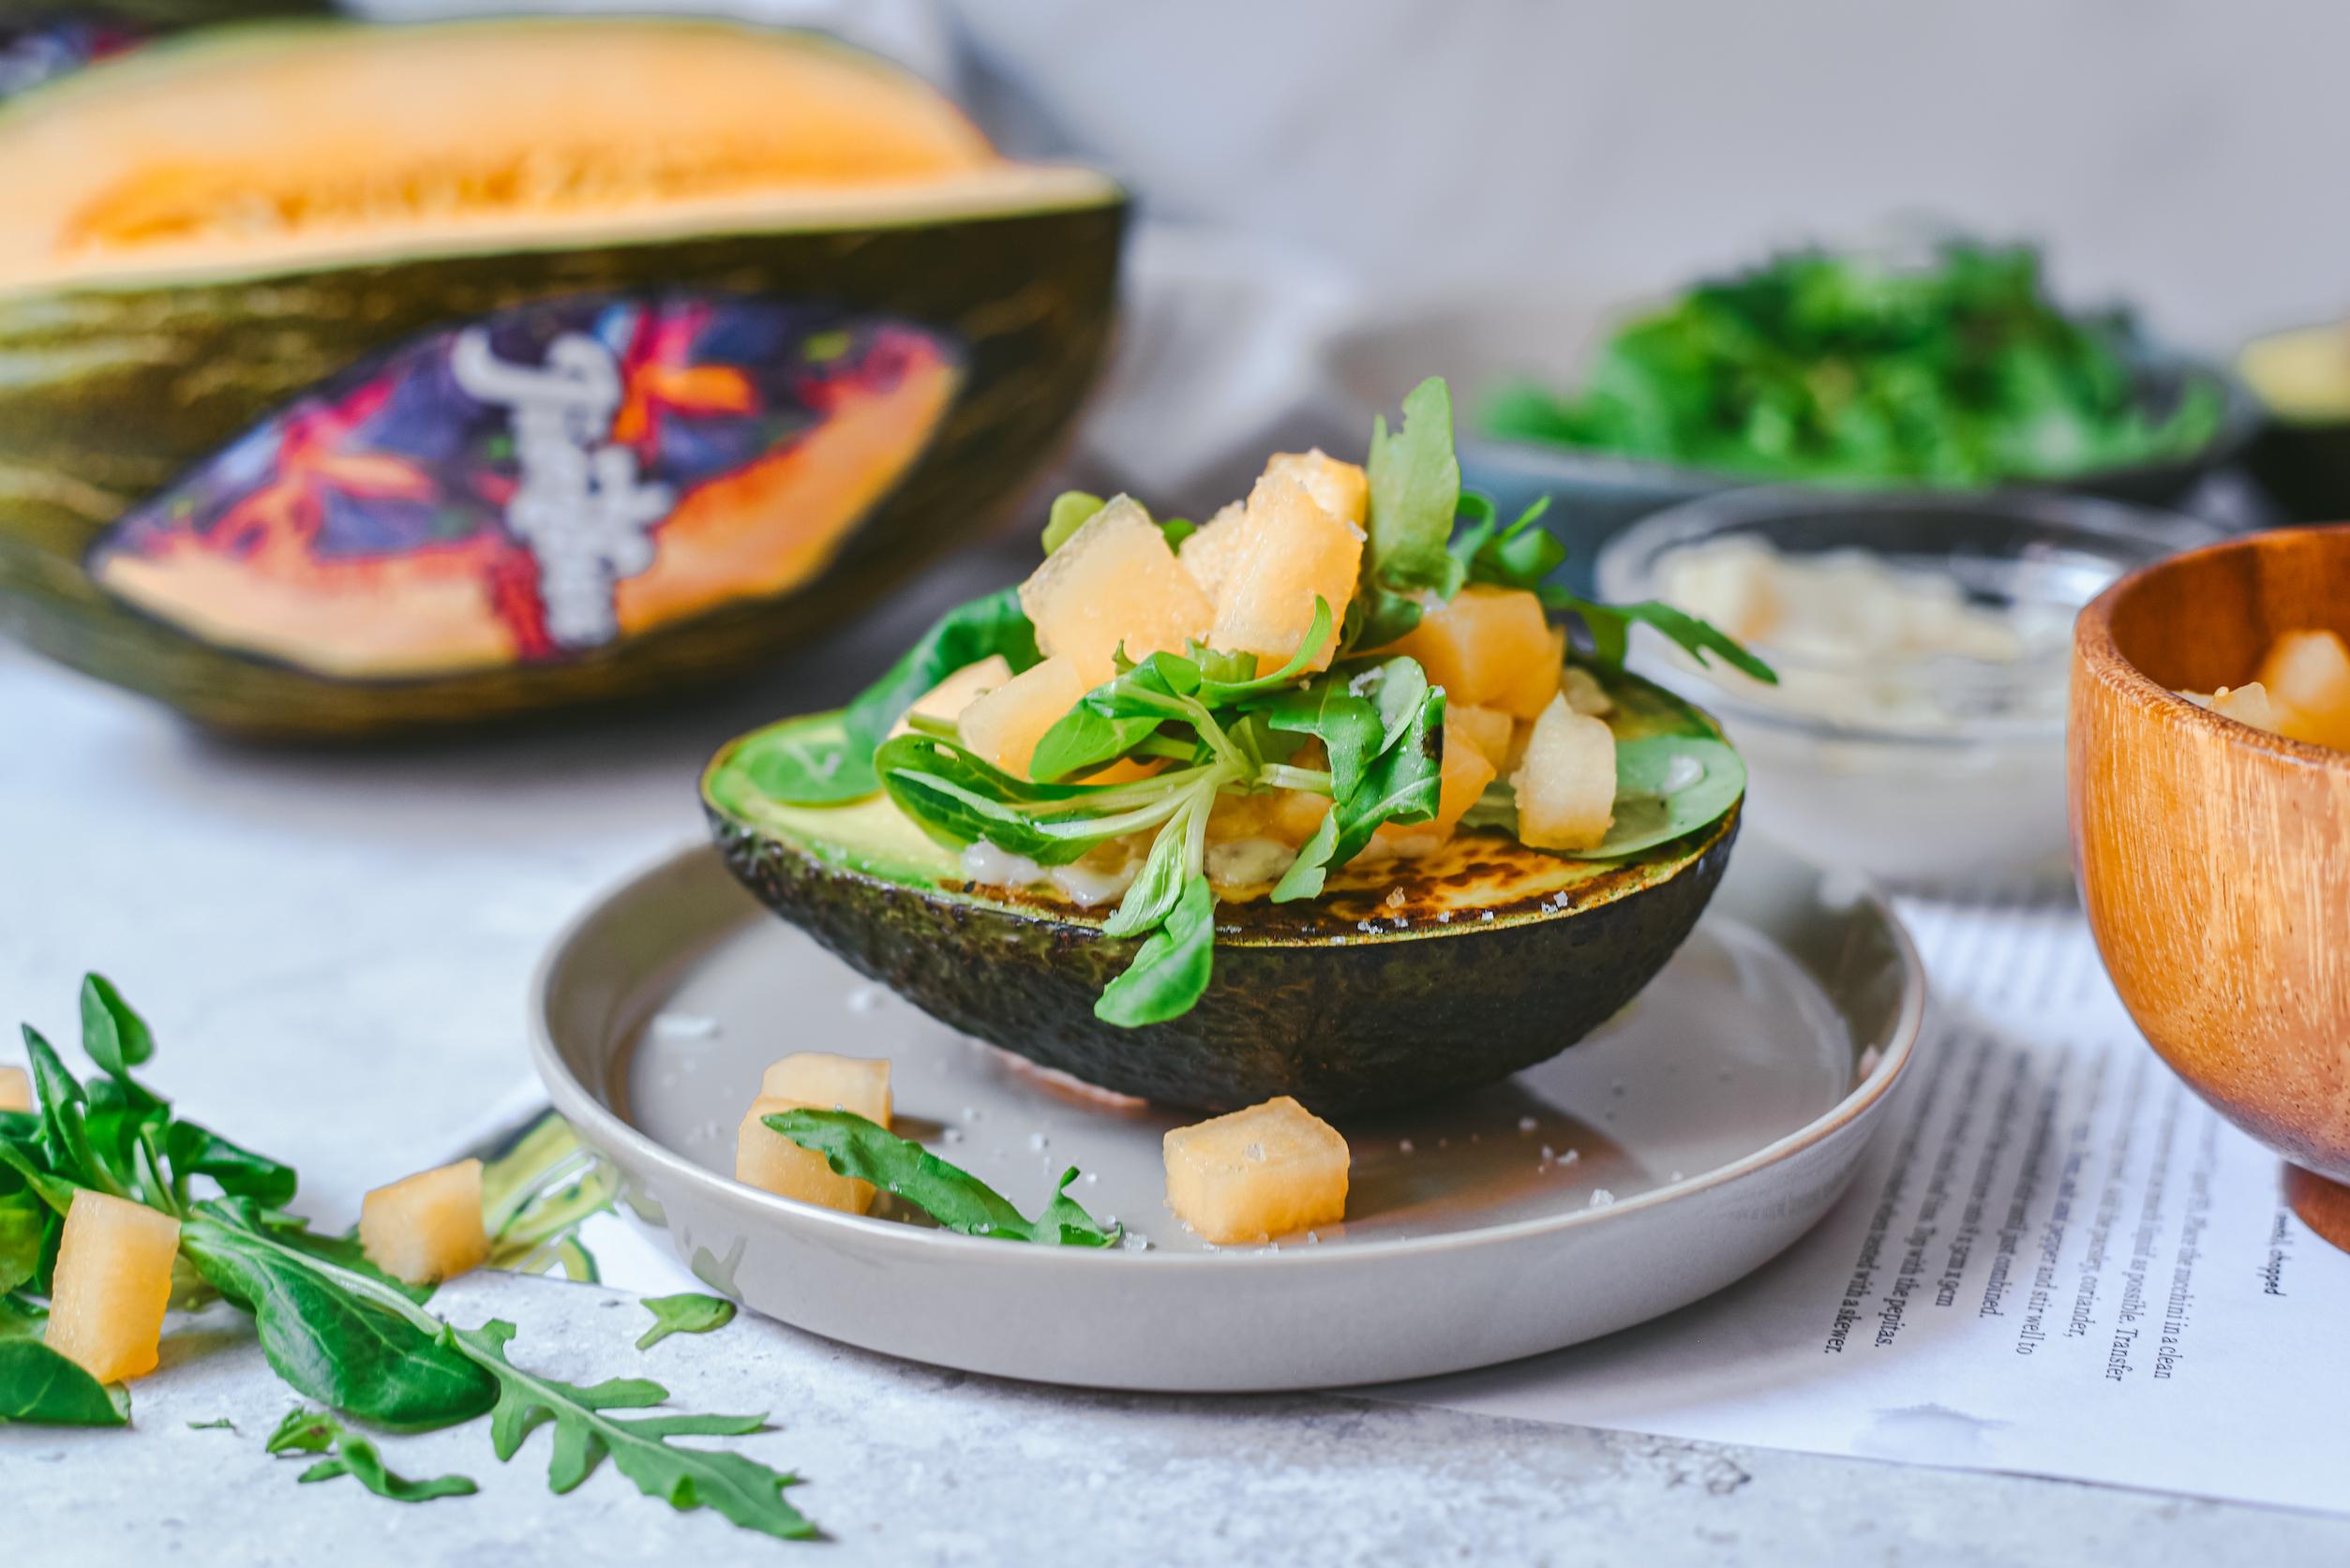 Aguacate a la plancha con veganesa, Jimbee Tropical y hojas verdes